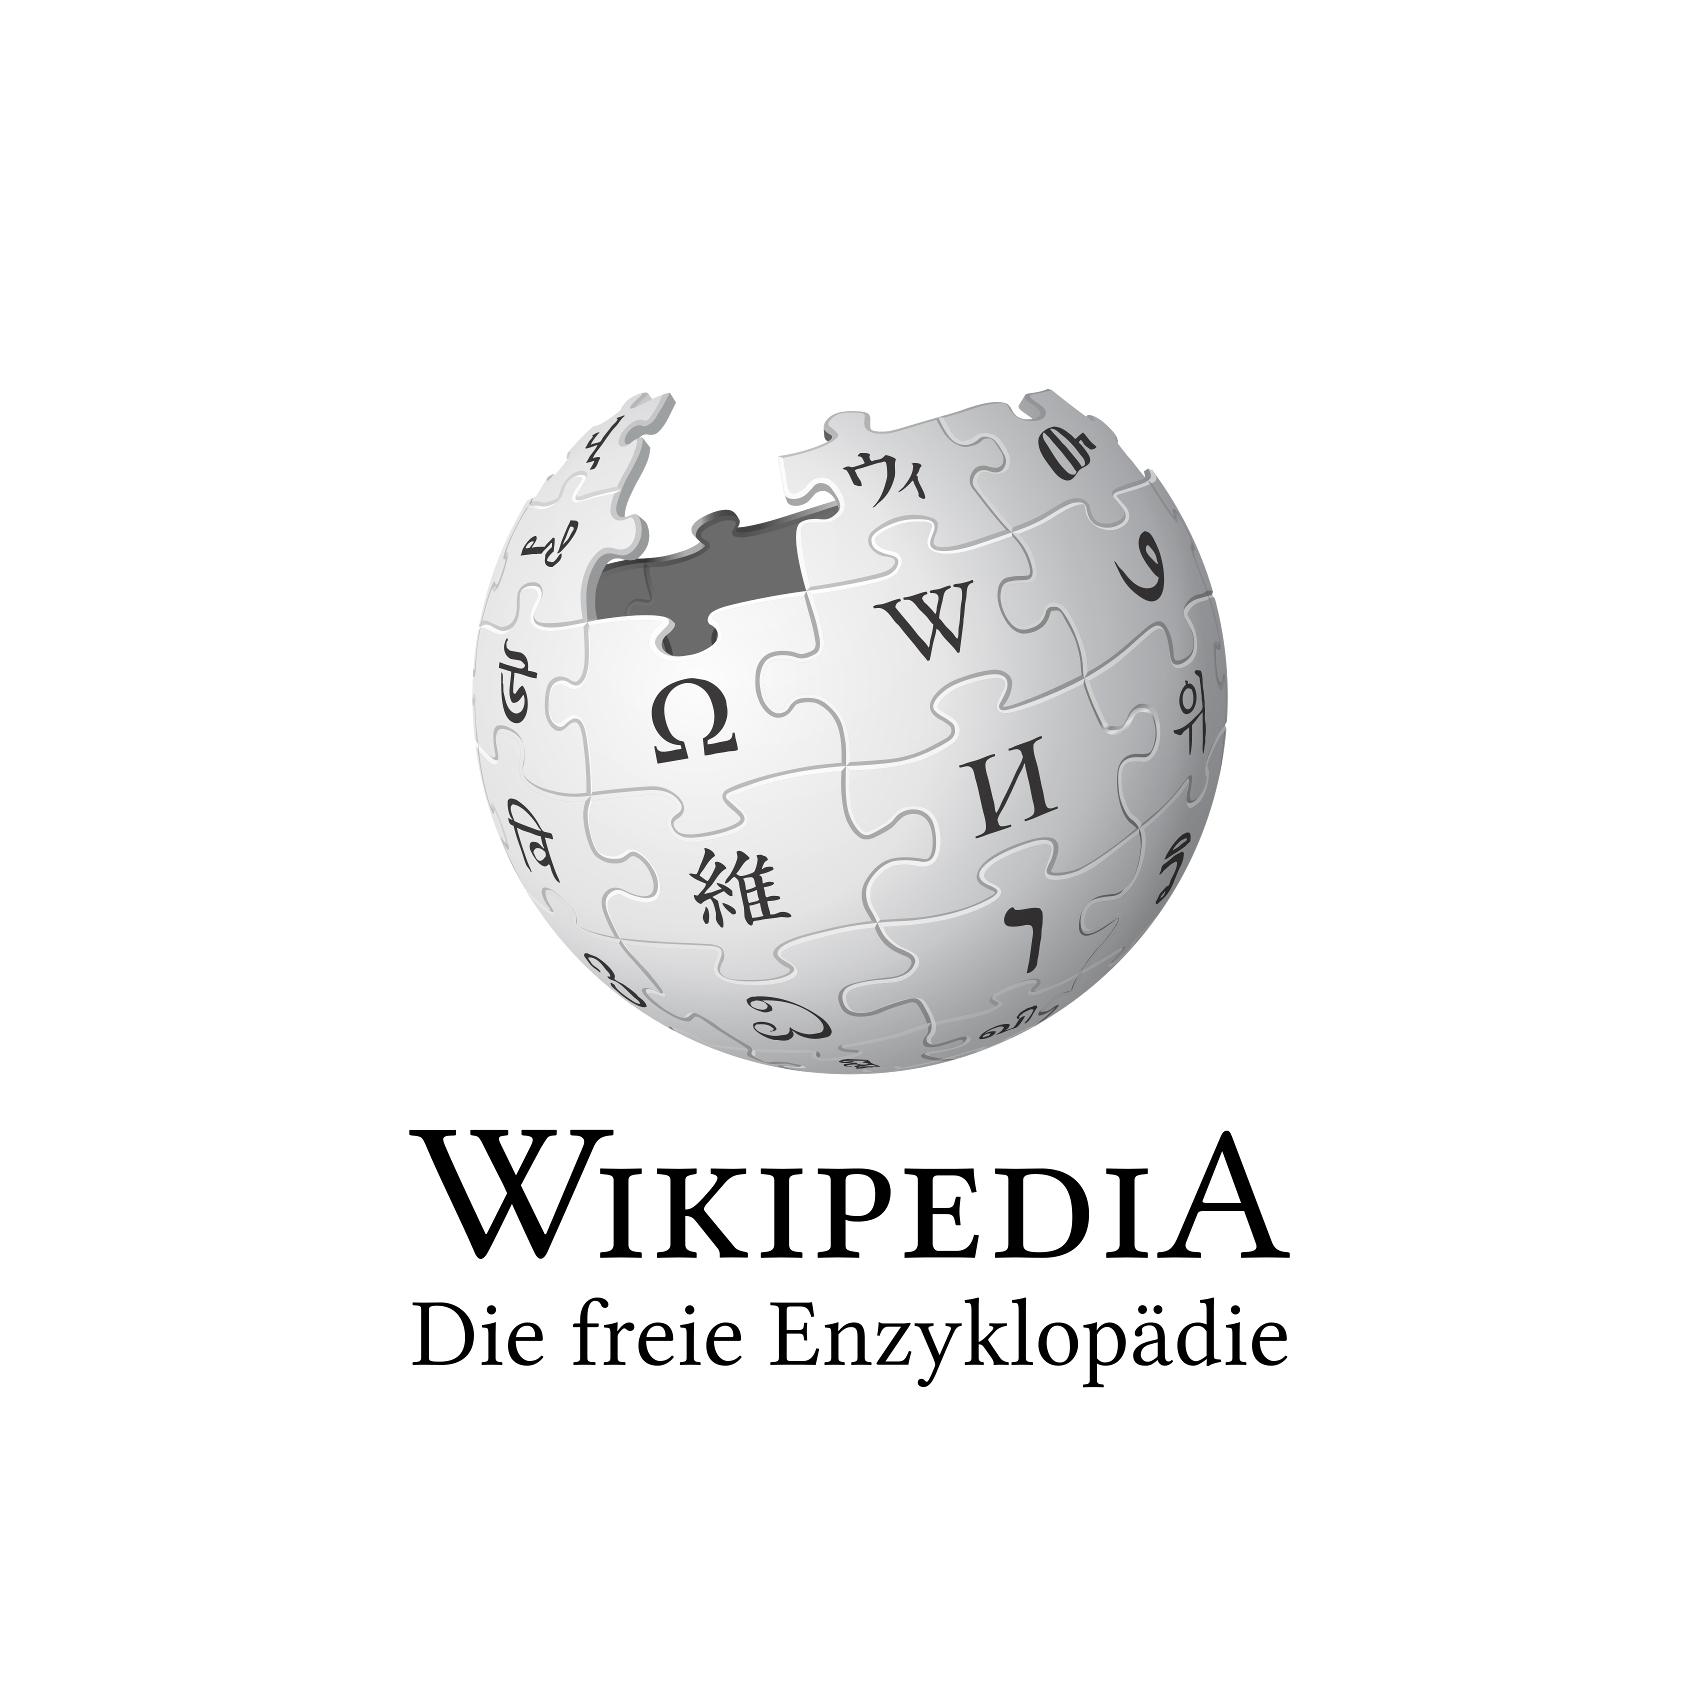 Werben / Mediadaten